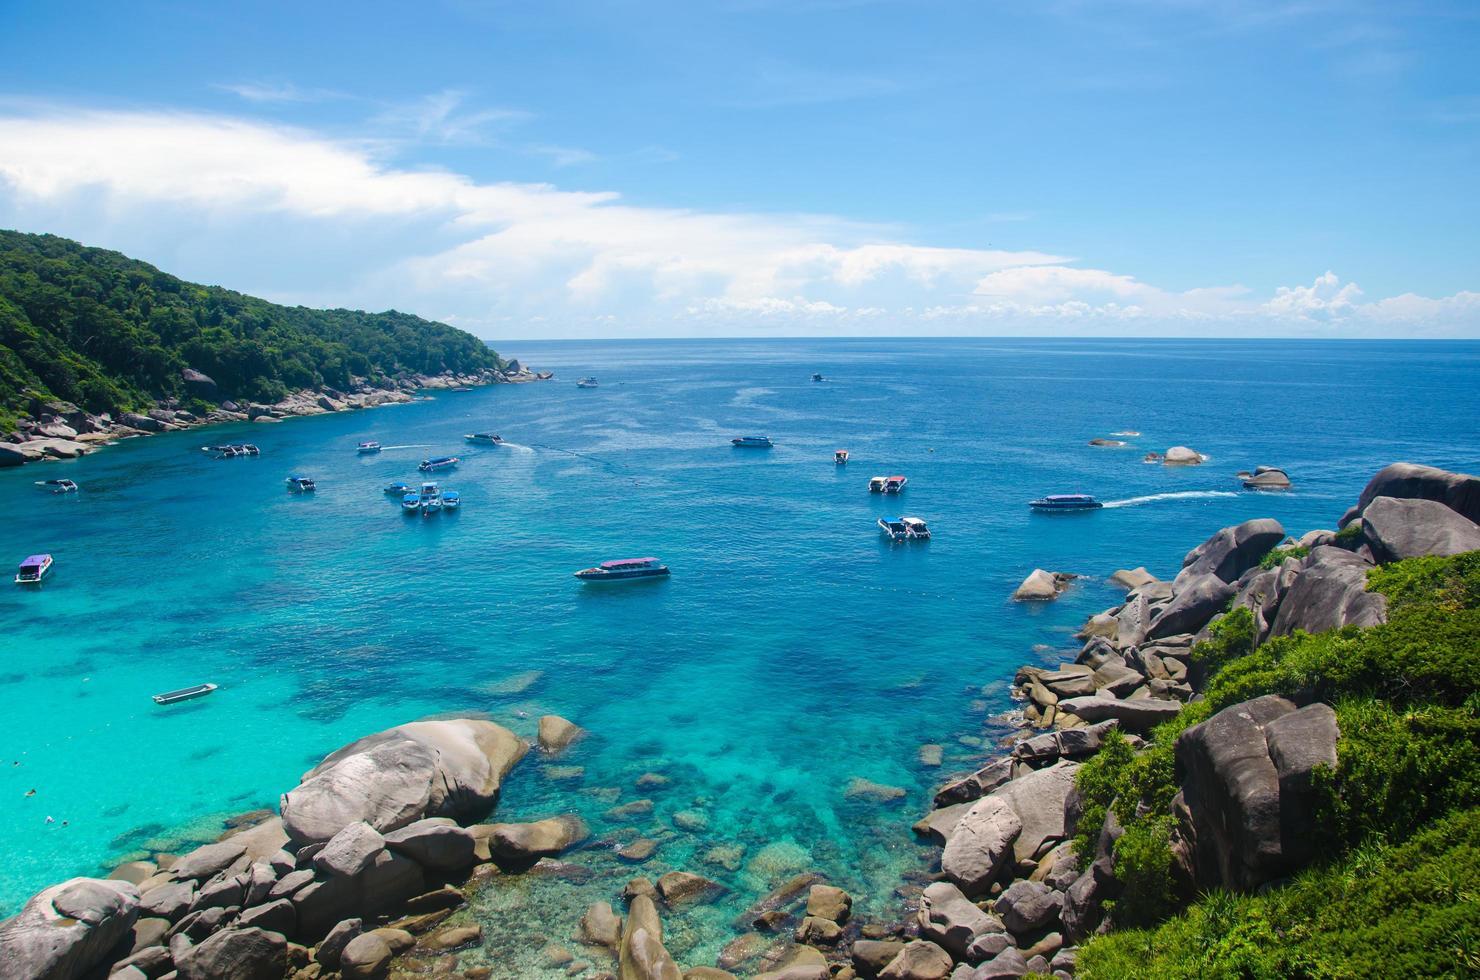 similan-eilanden, thailand, 2020 - boten op het water foto